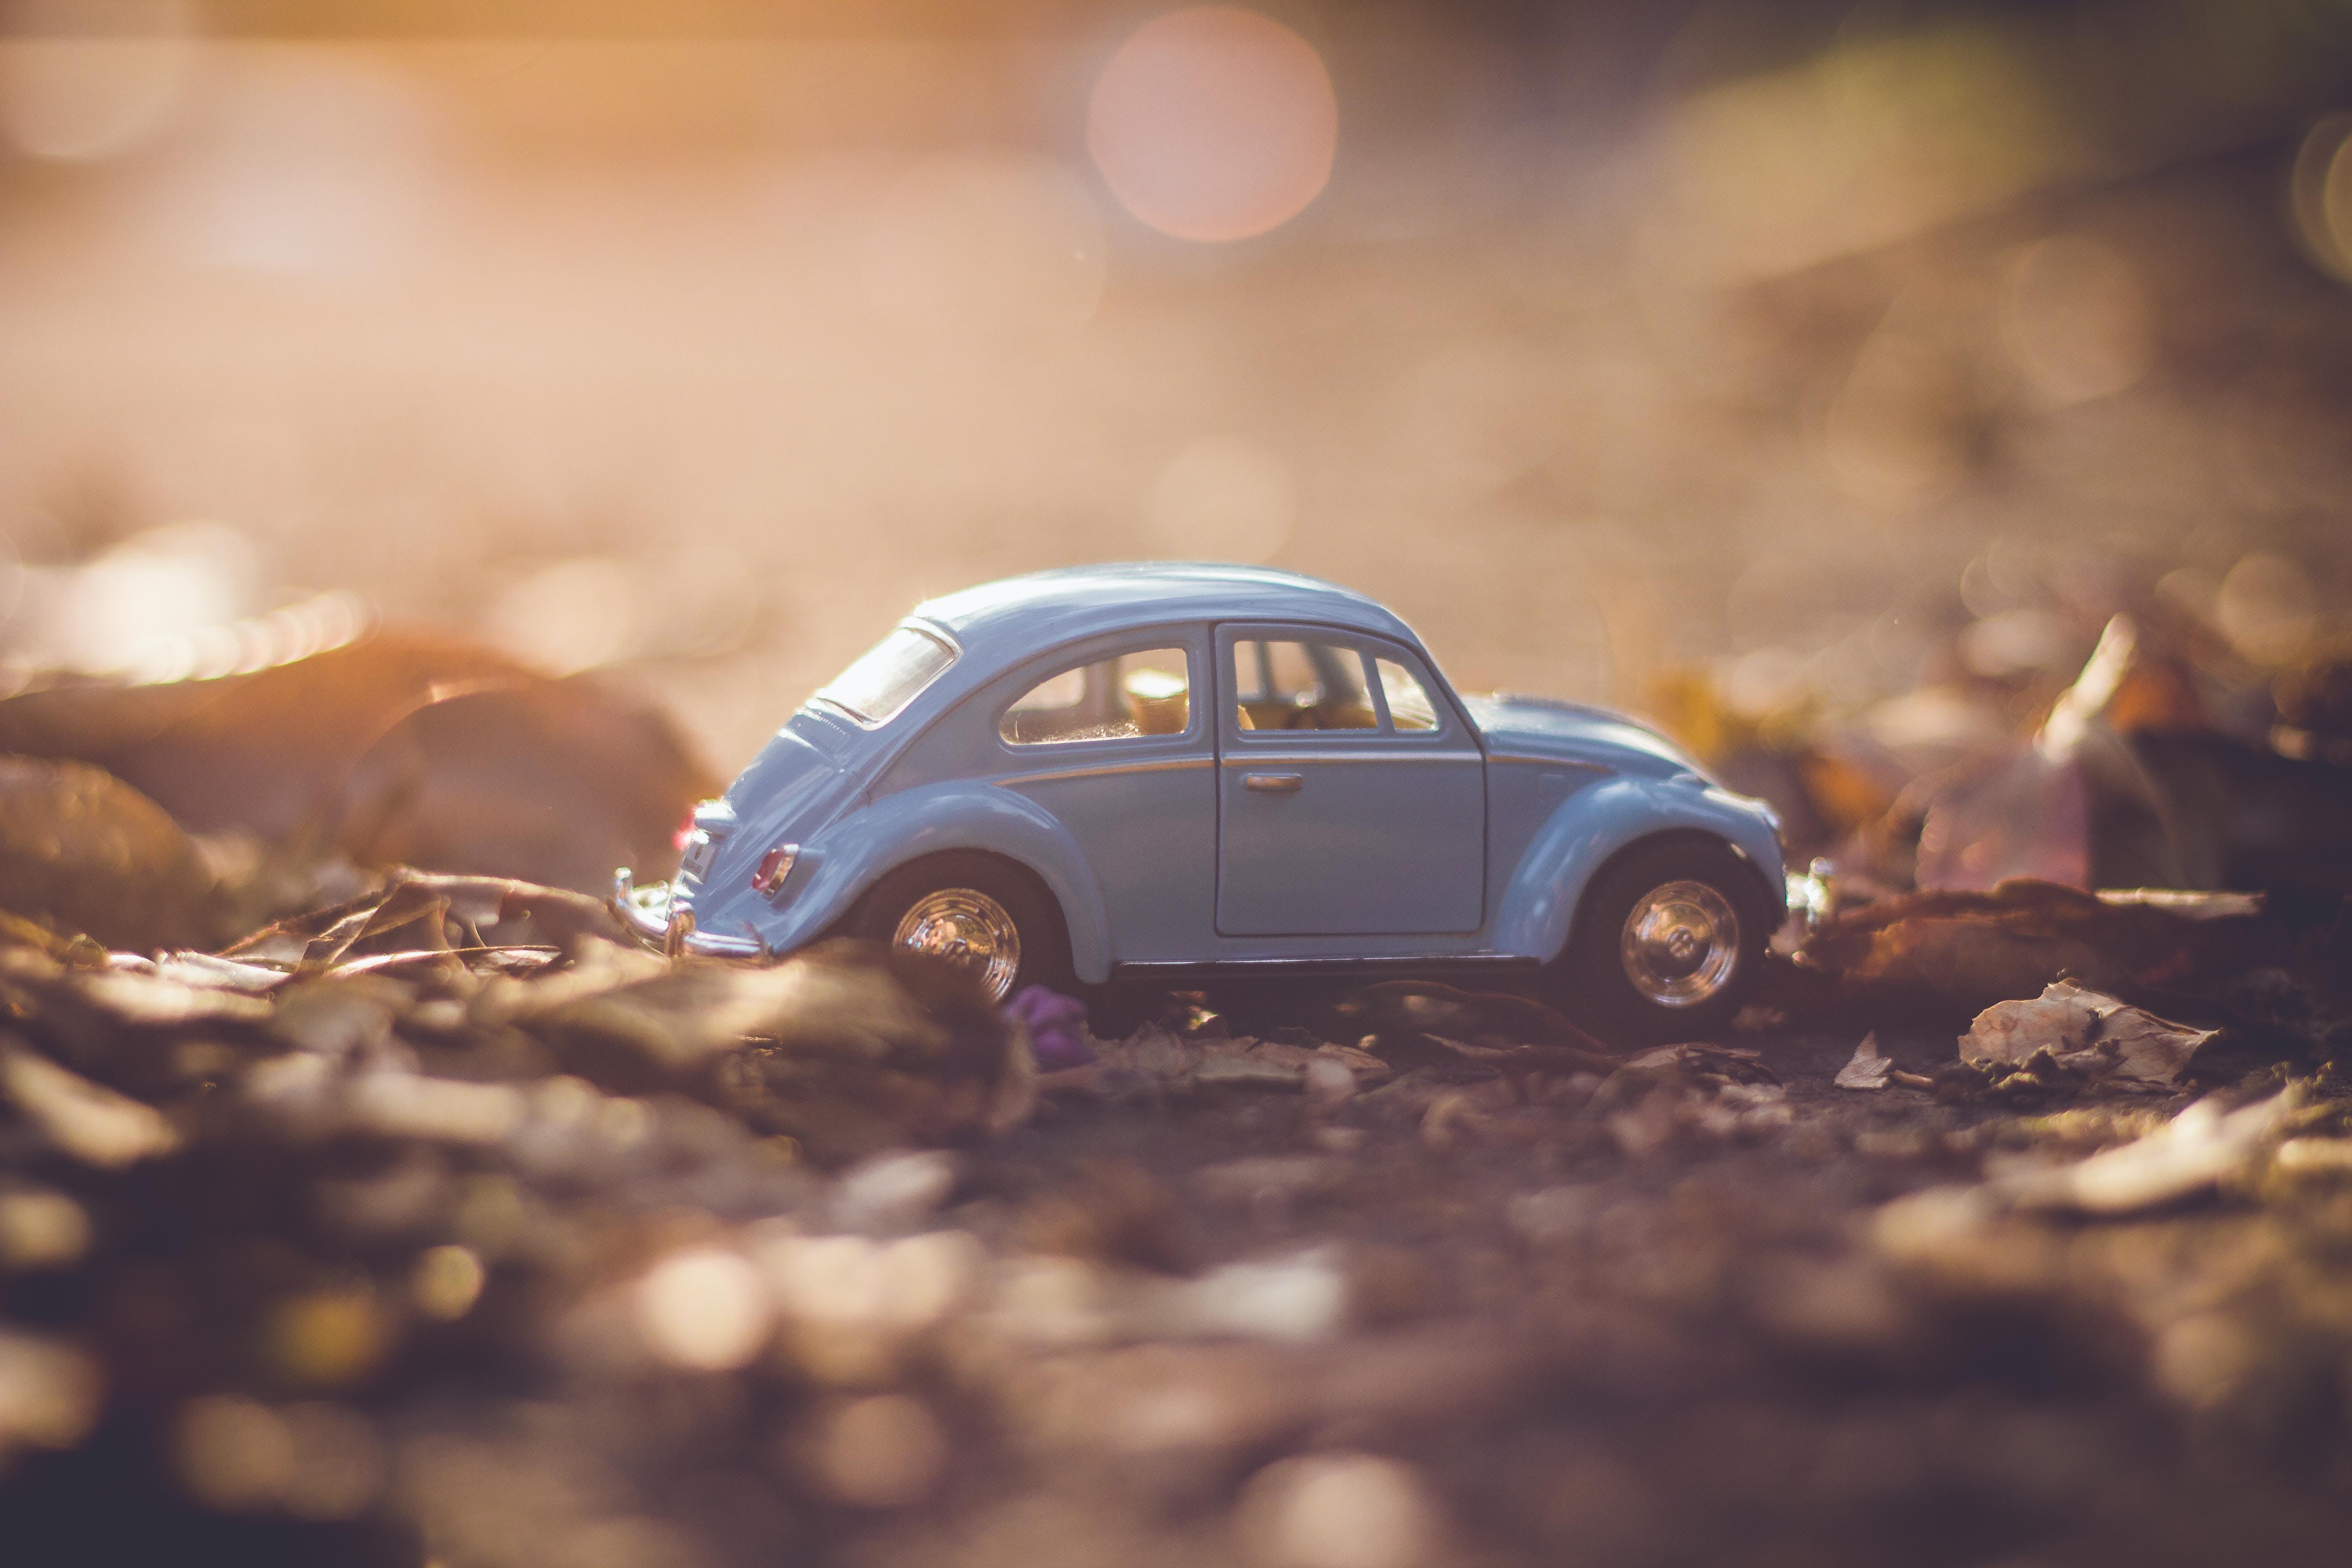 Foto profissional grátis de automóvel, besouro, brinquedo, brinquedo em miniatura